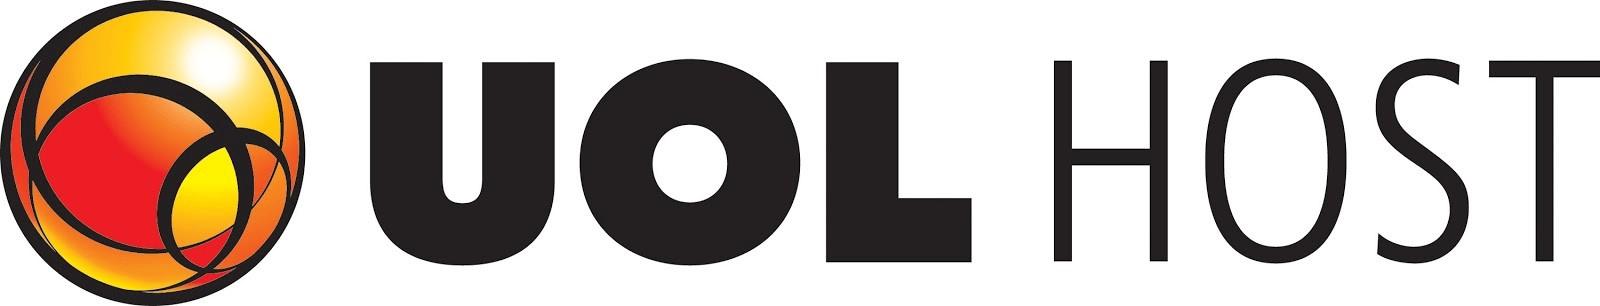 uol host logo